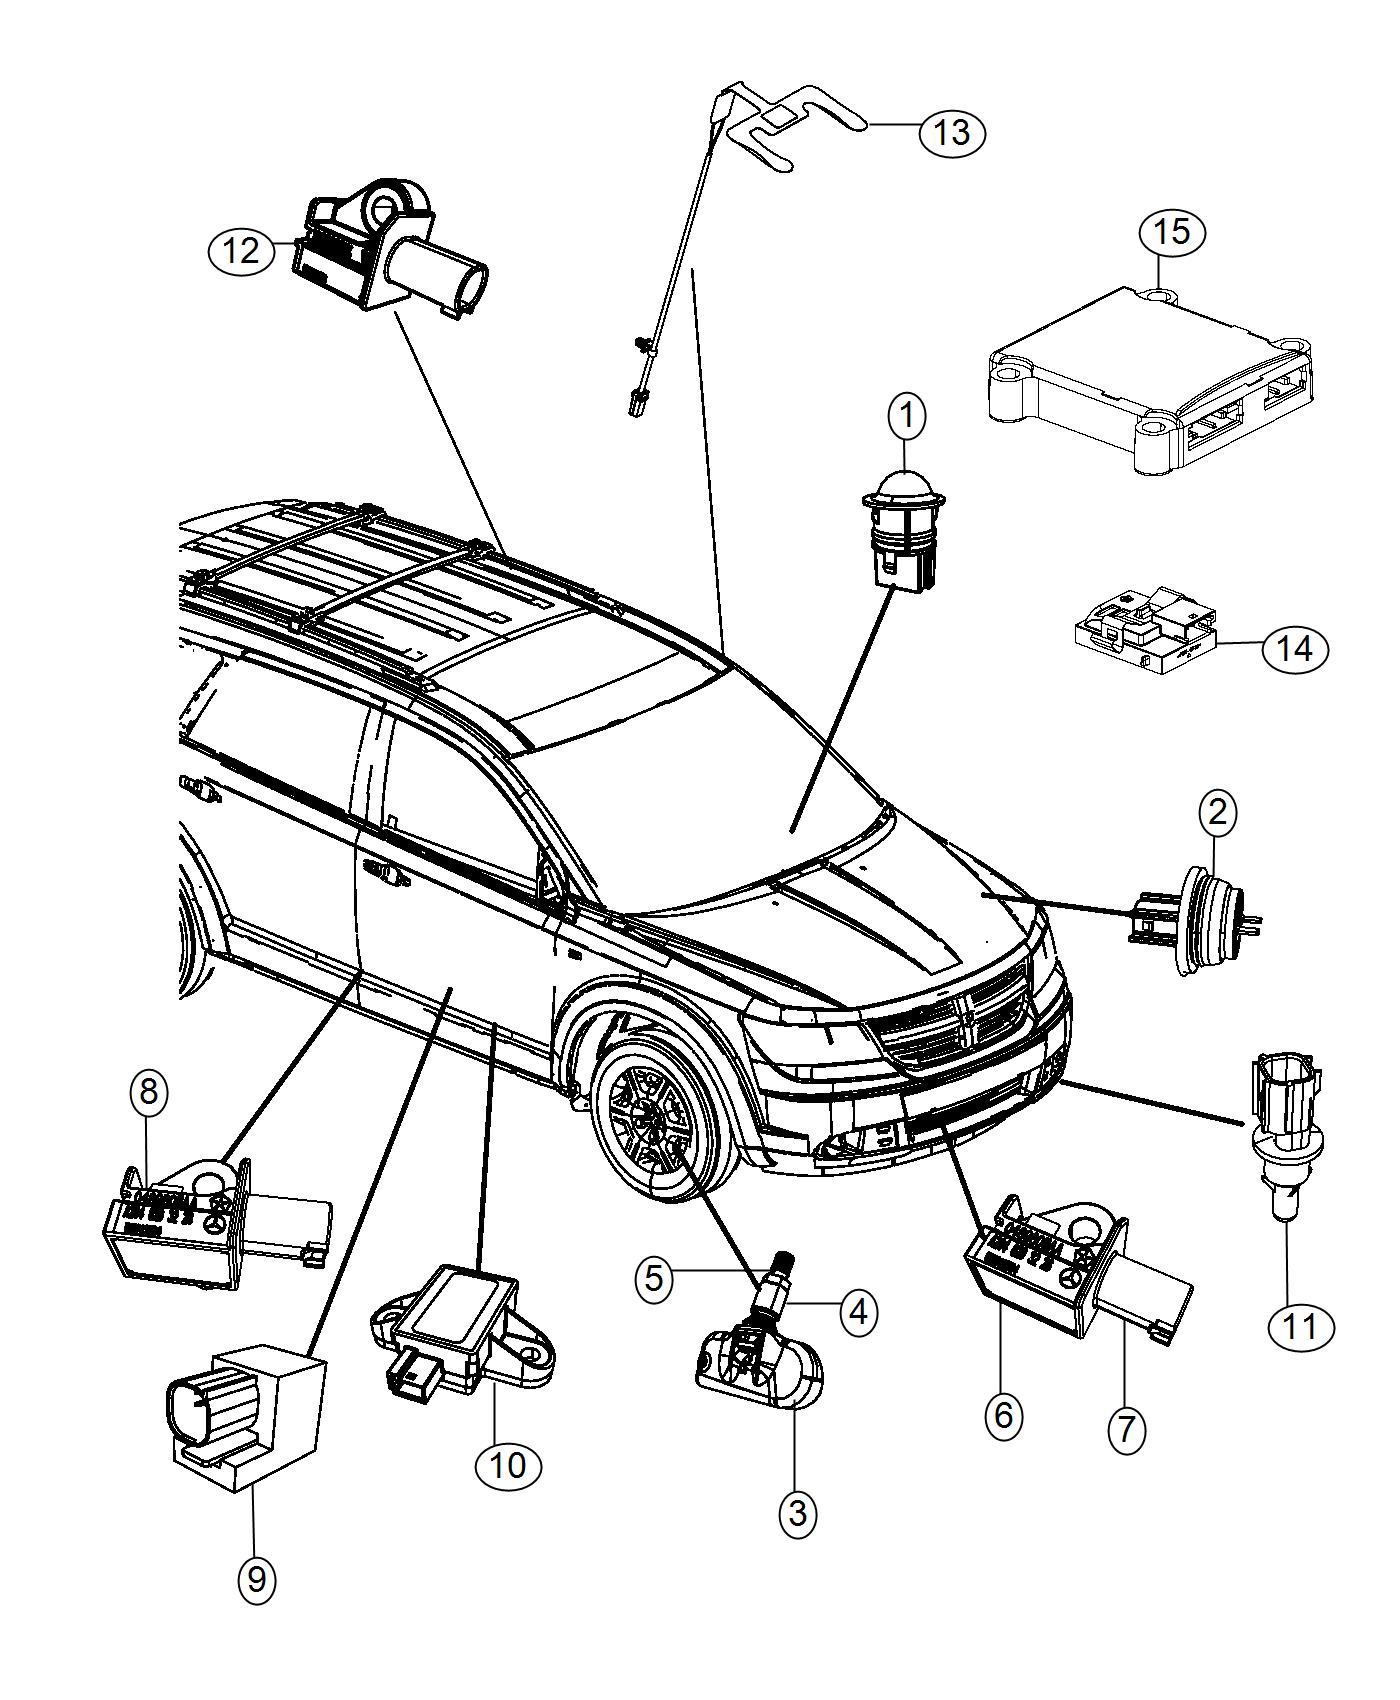 2015 Dodge Charger HELLCAT 6.2L SuperCharged V8 Sensor